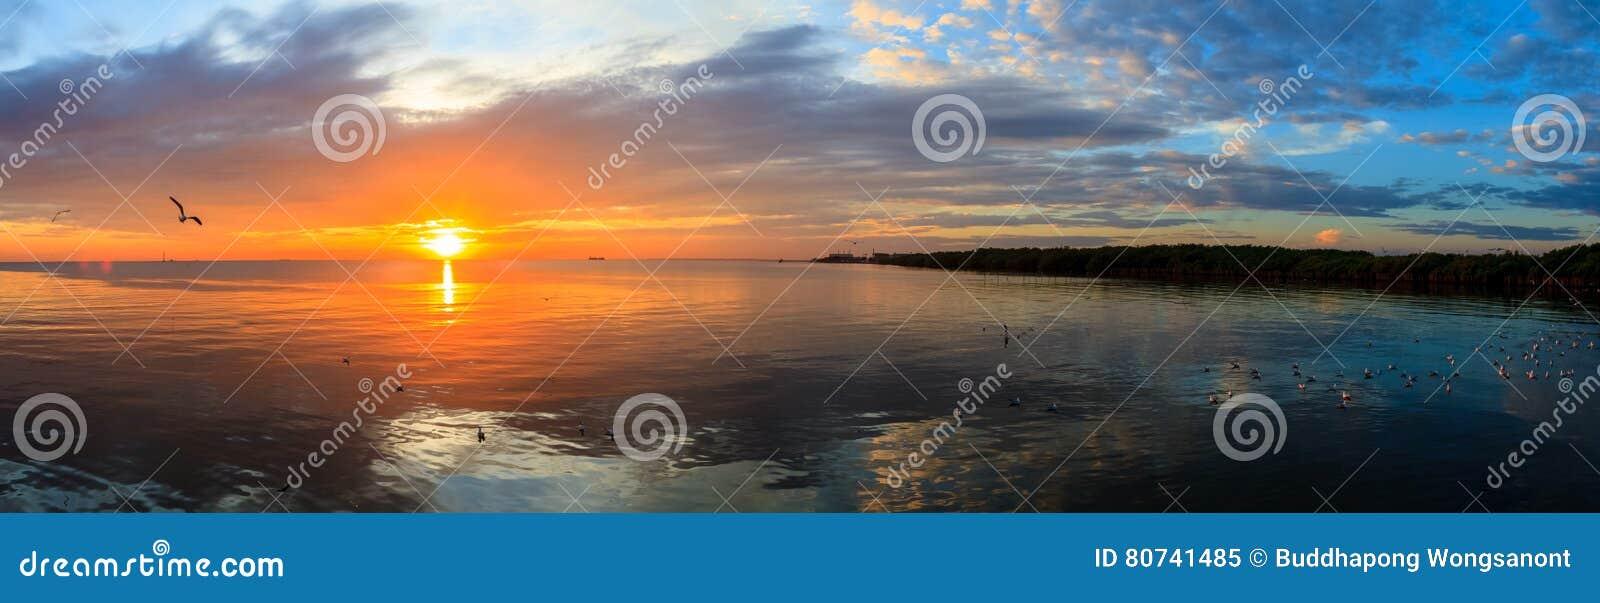 Coucher du soleil nuageux de mer de scène tranquille de panorama avec des mouettes volant au coucher du soleil